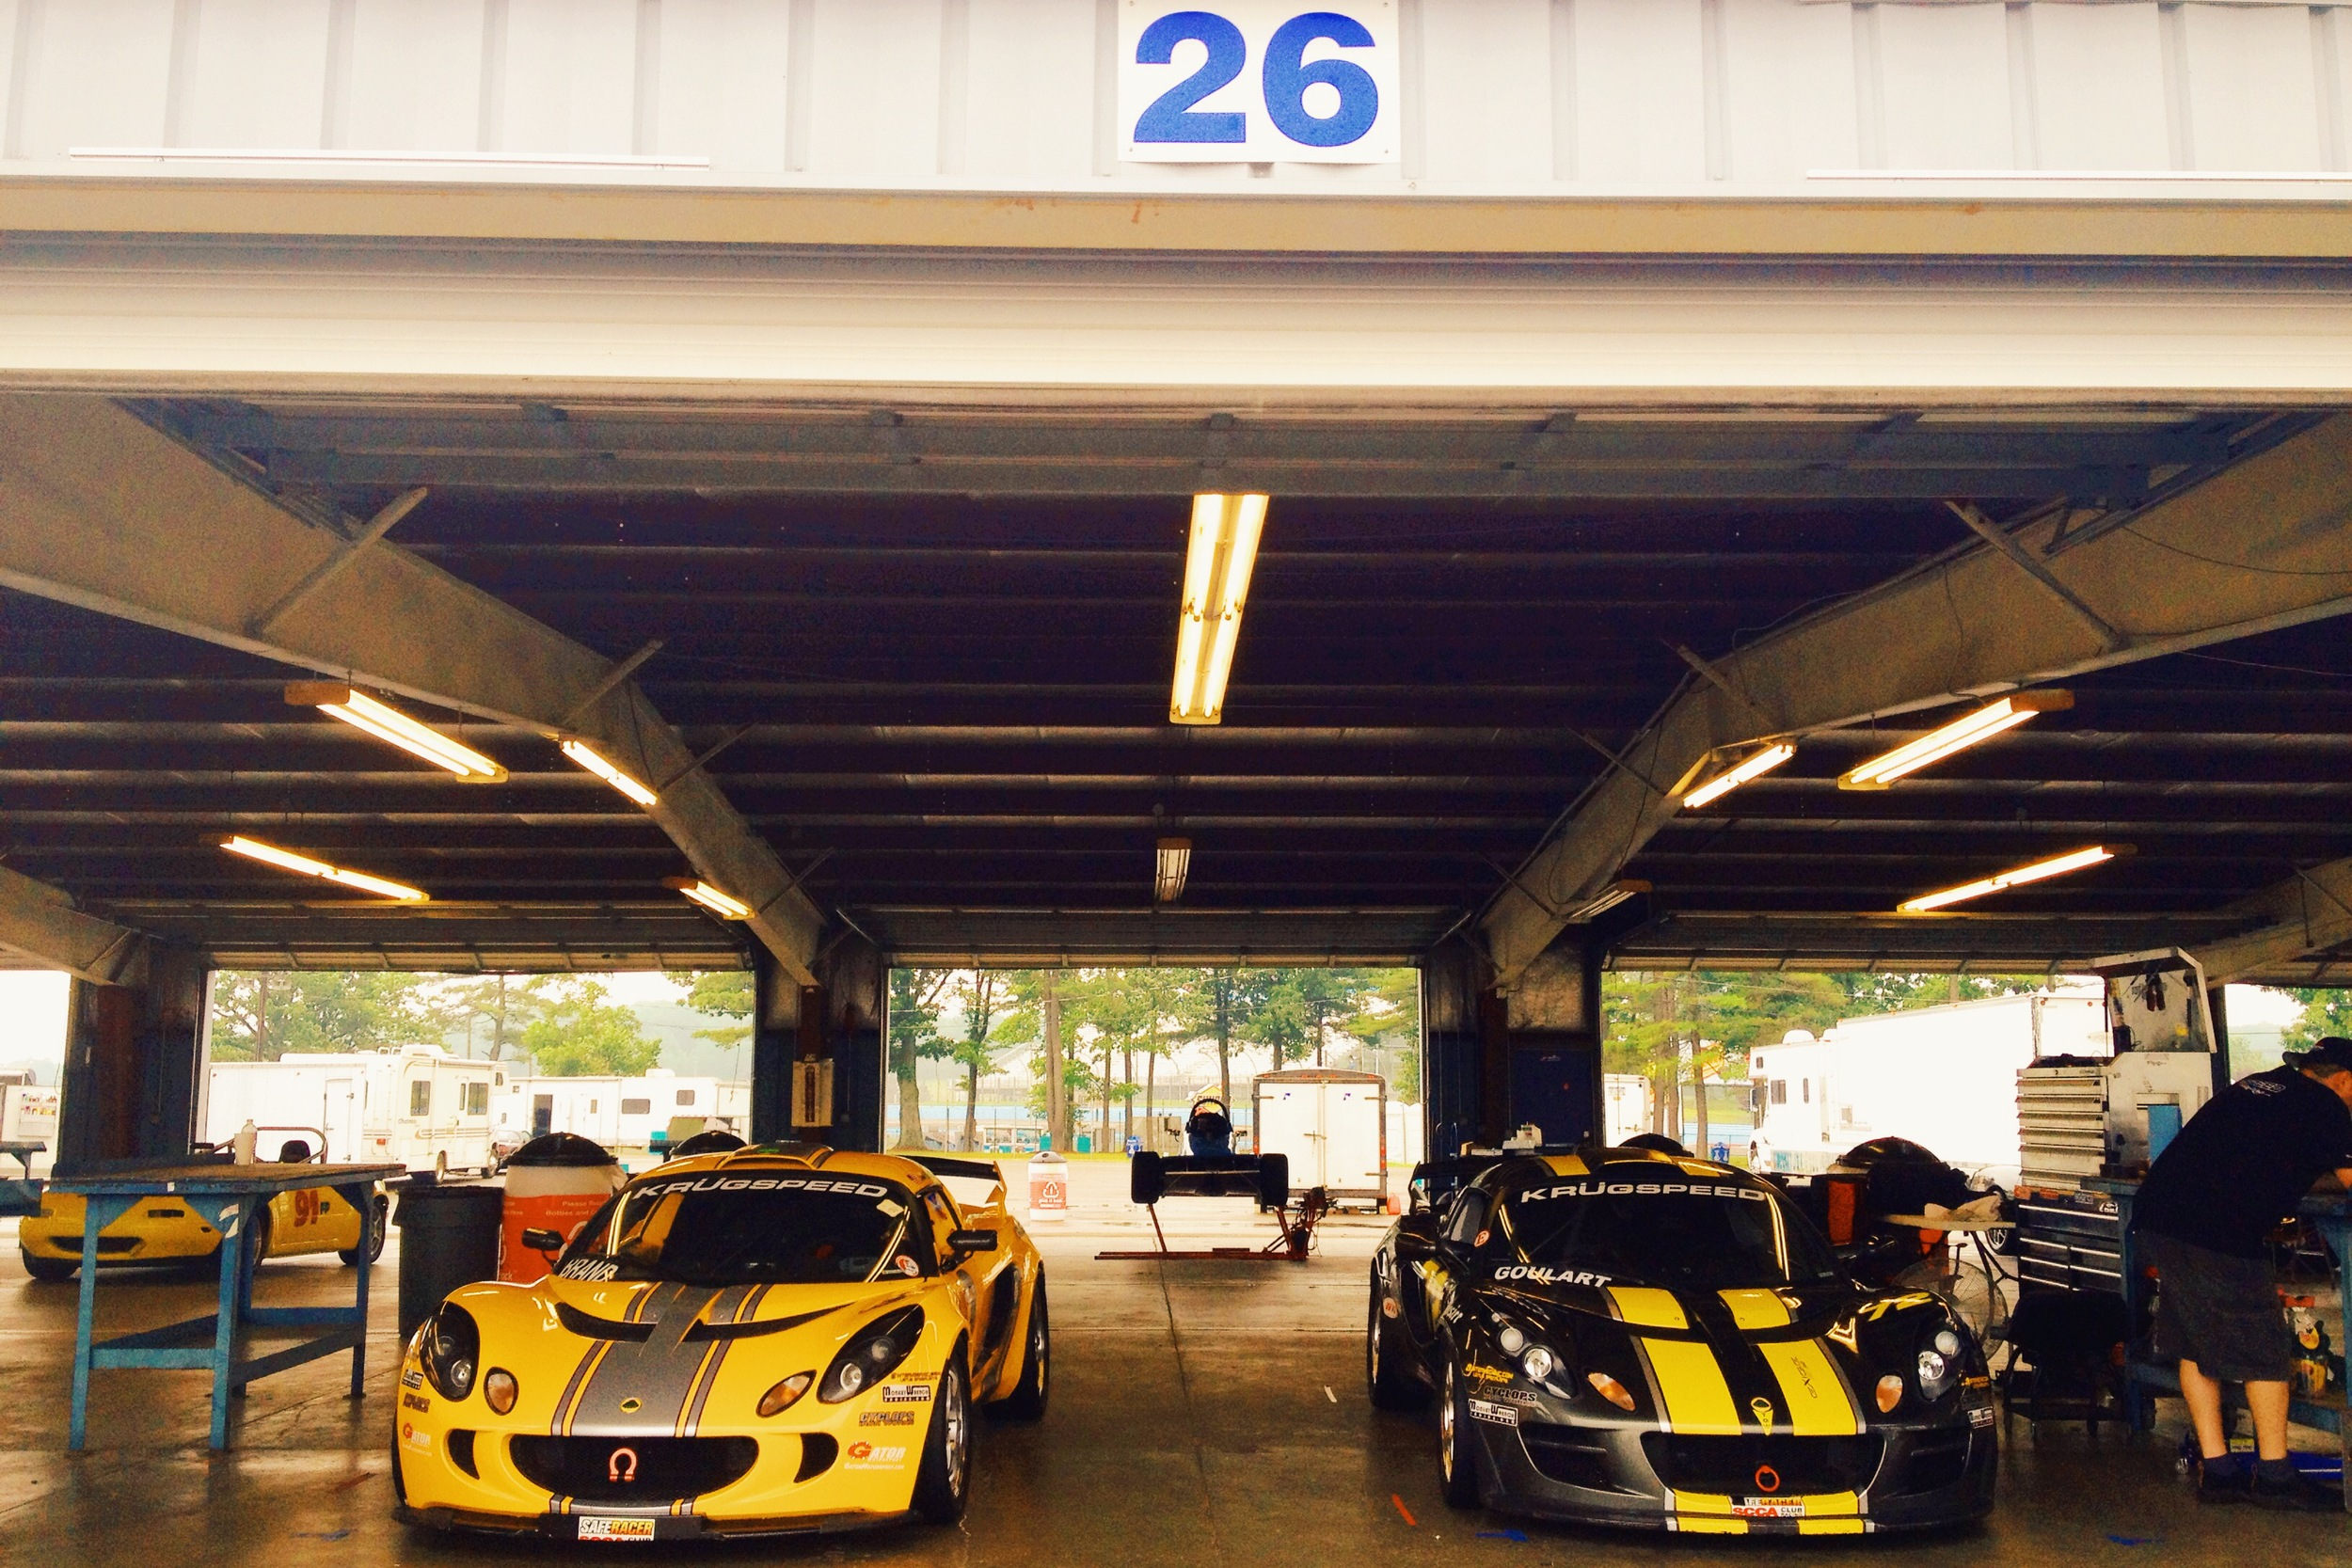 Lotus Exige racing